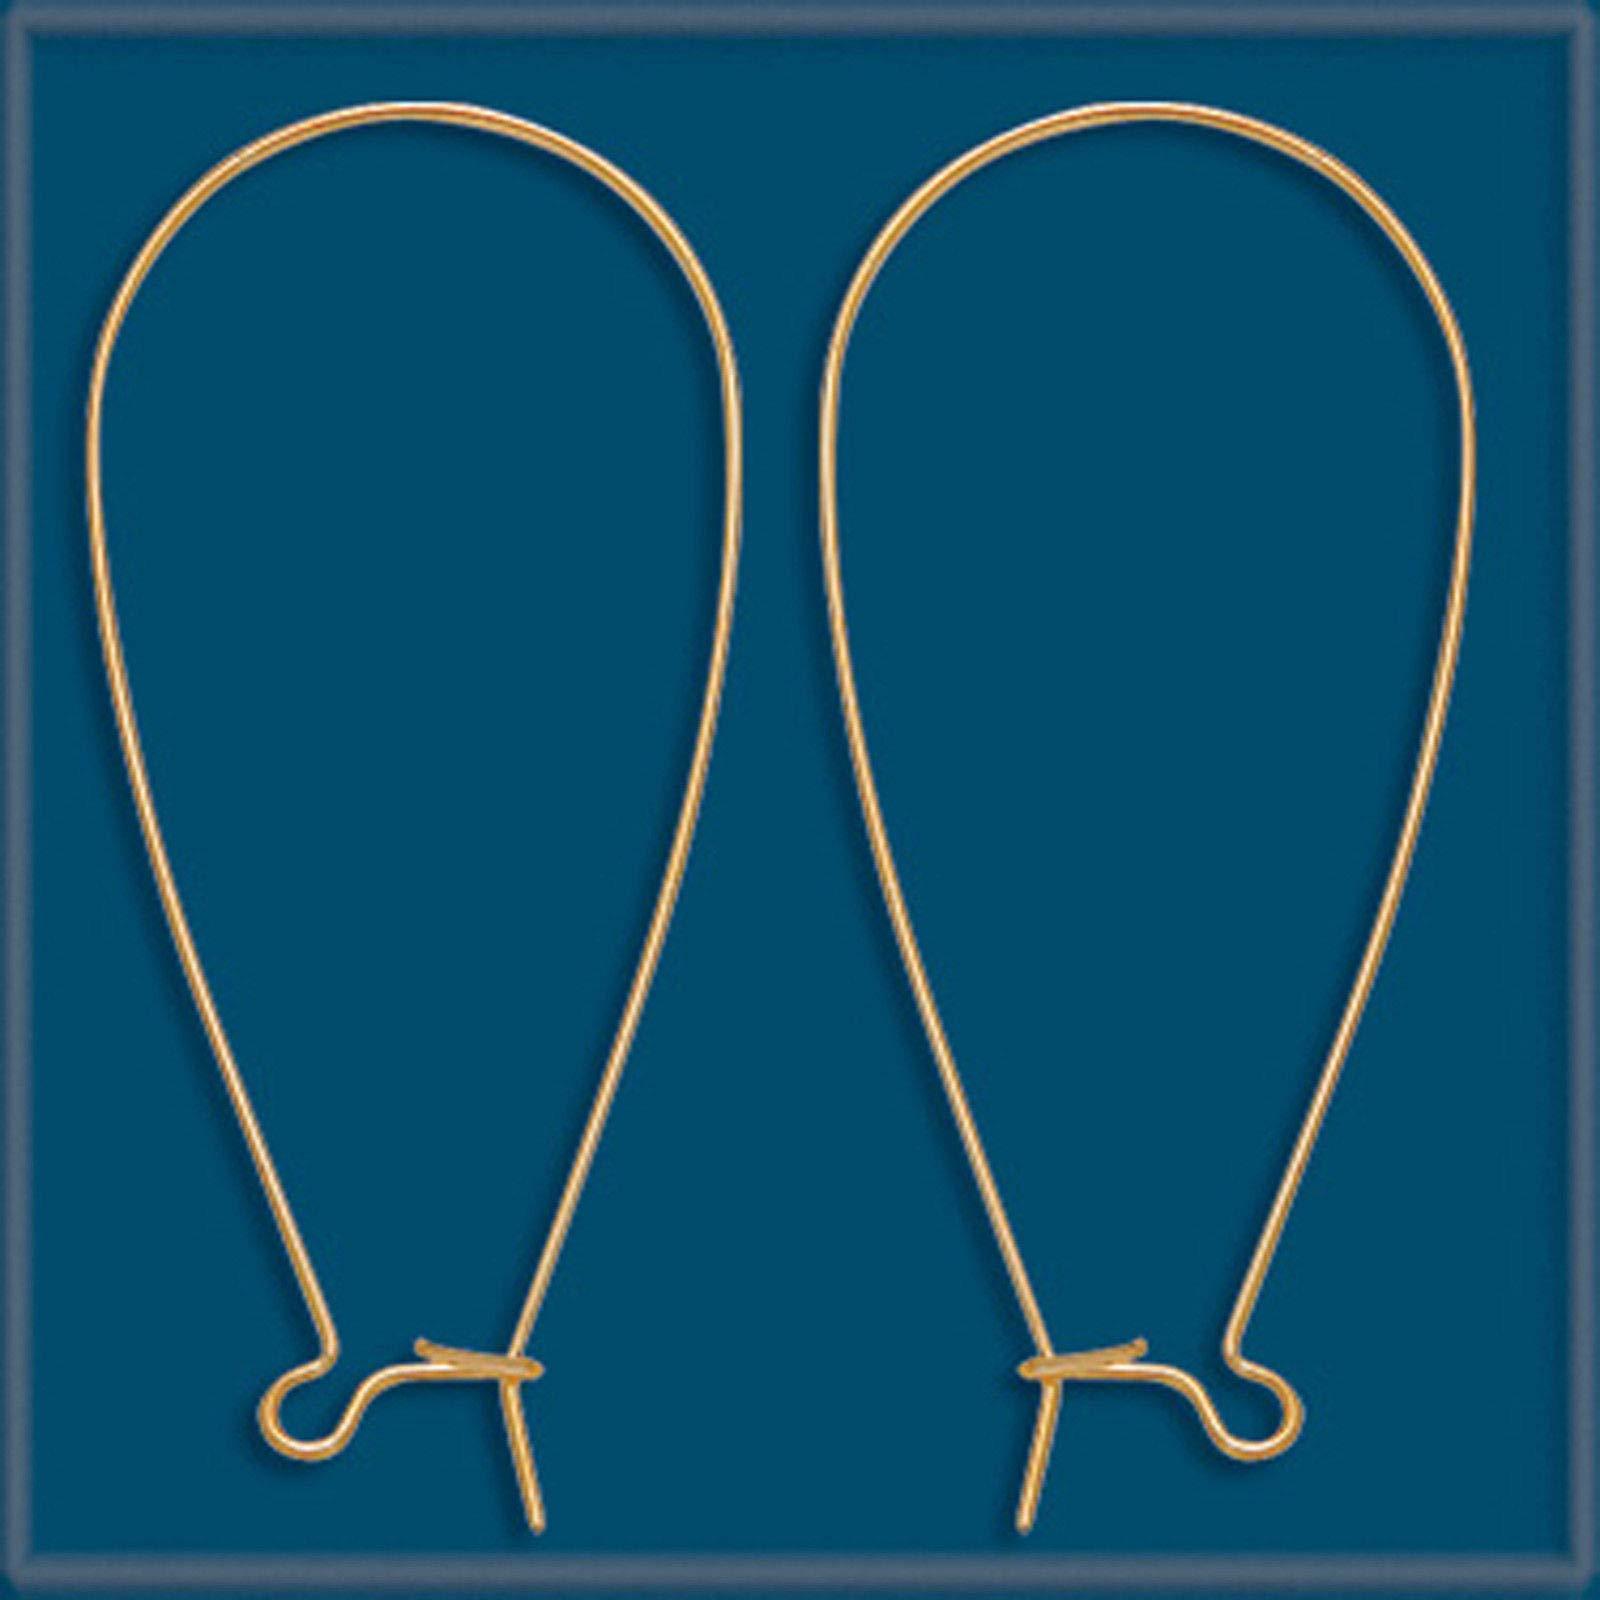 20pc 46mm 14K Gold Filled Kidney Earring Wire Hook